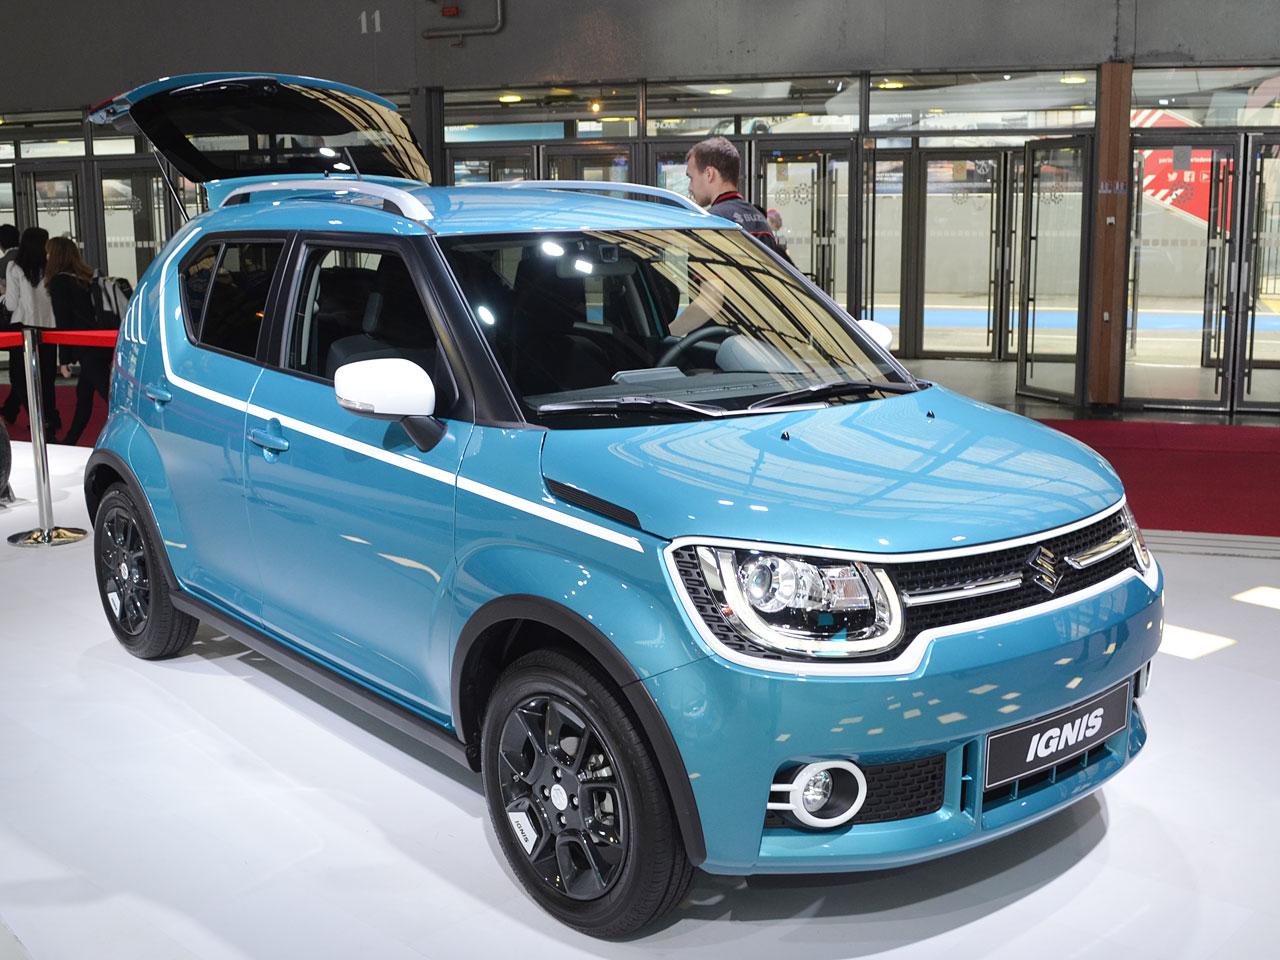 Suzuki Ignis Ab 11900 Euro